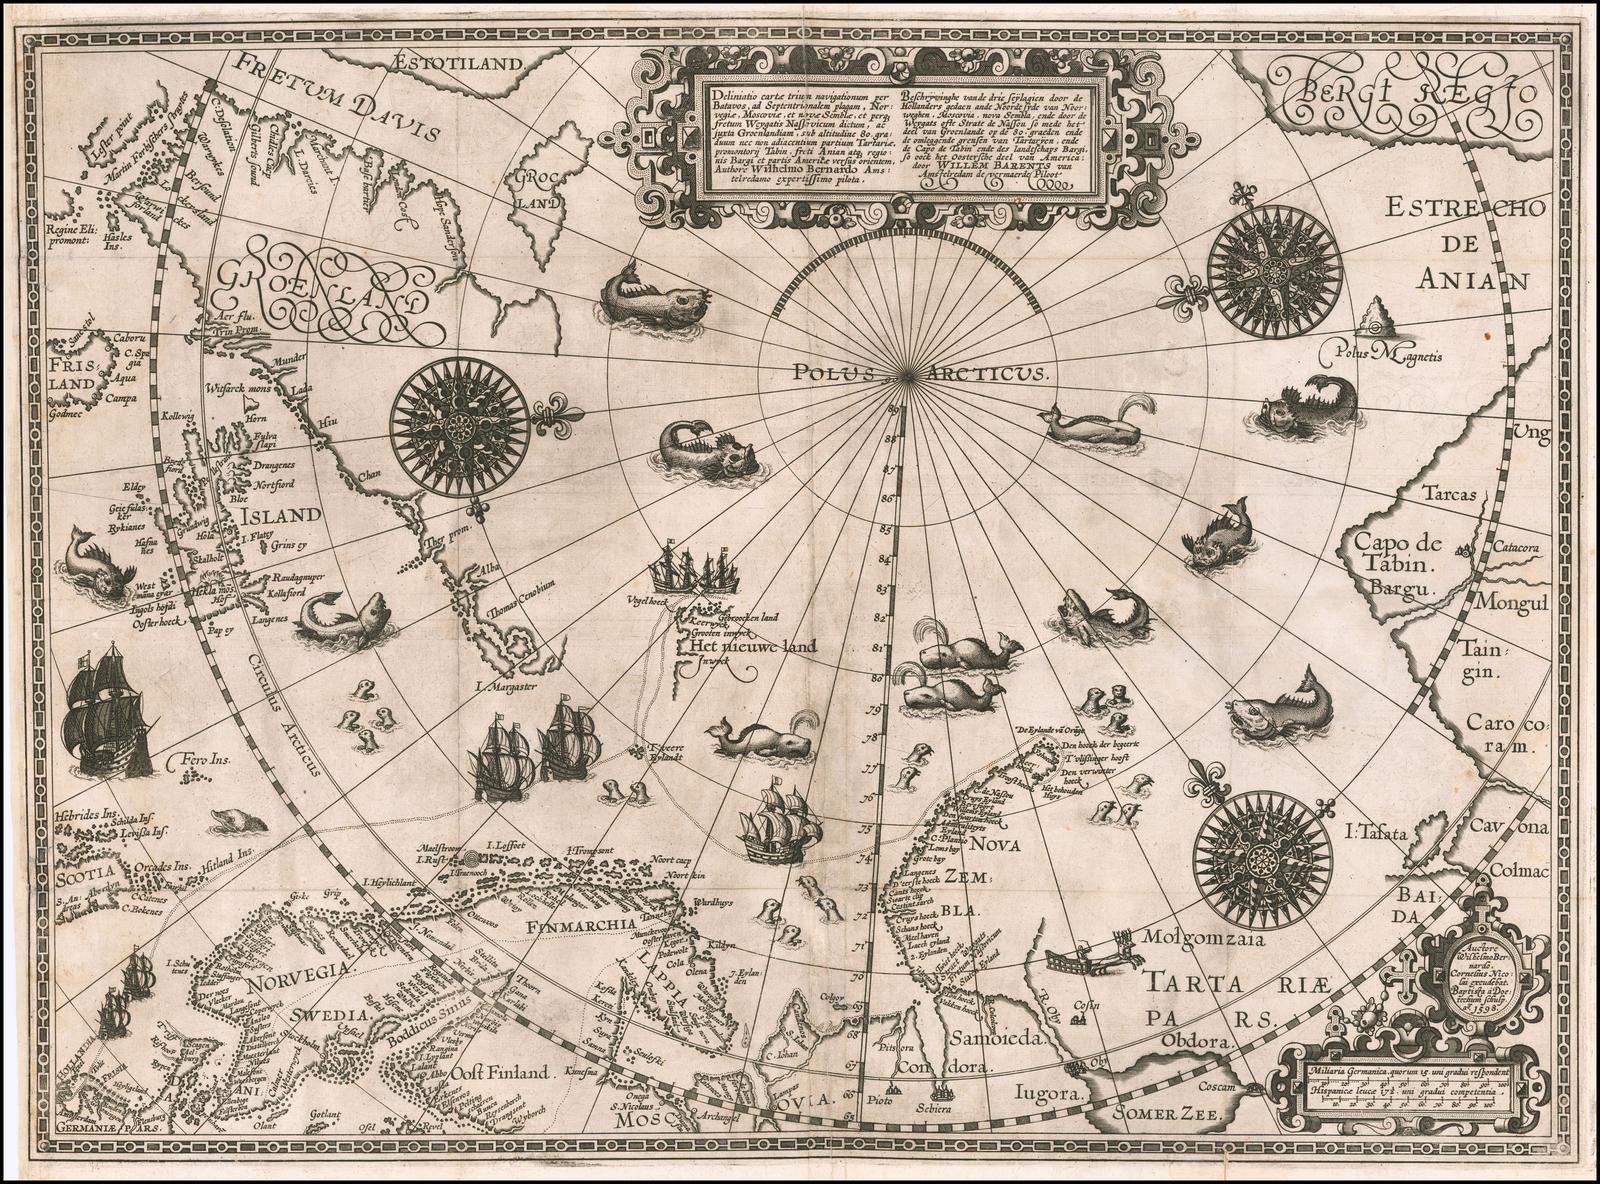 Карта полярных областей Виллема Баренца, составленная по его наблюдениям во время третьего путешествия 1596-1597 годов и гравированная Батистом Ван Дейтекумом